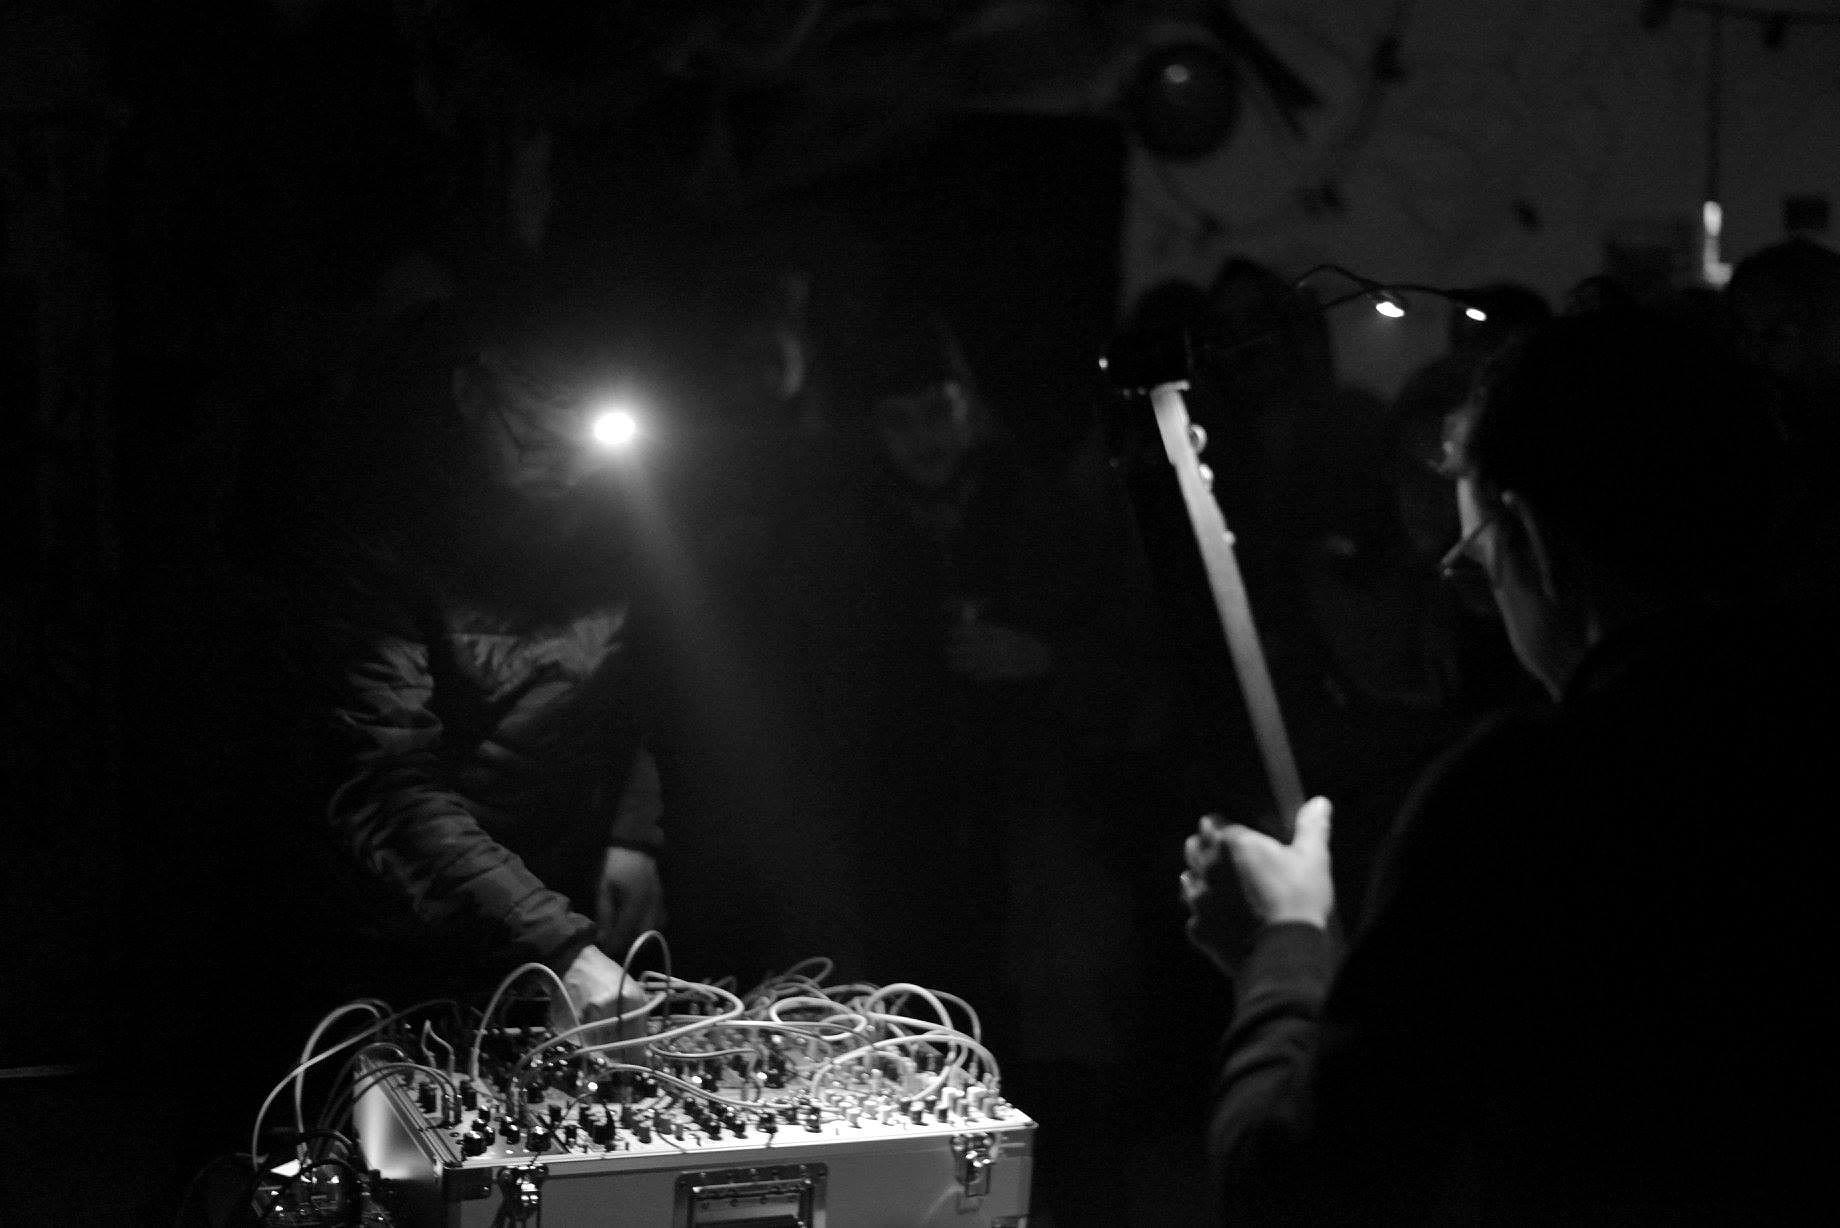 Швейцарский экспериментальный дуэт Llama/OLO и электронщик Кристиан Мюллер, участник программы творческих резиденций, проходящих при поддержке Про Гельвеции, выступят в нескольких городах России в конце сентября